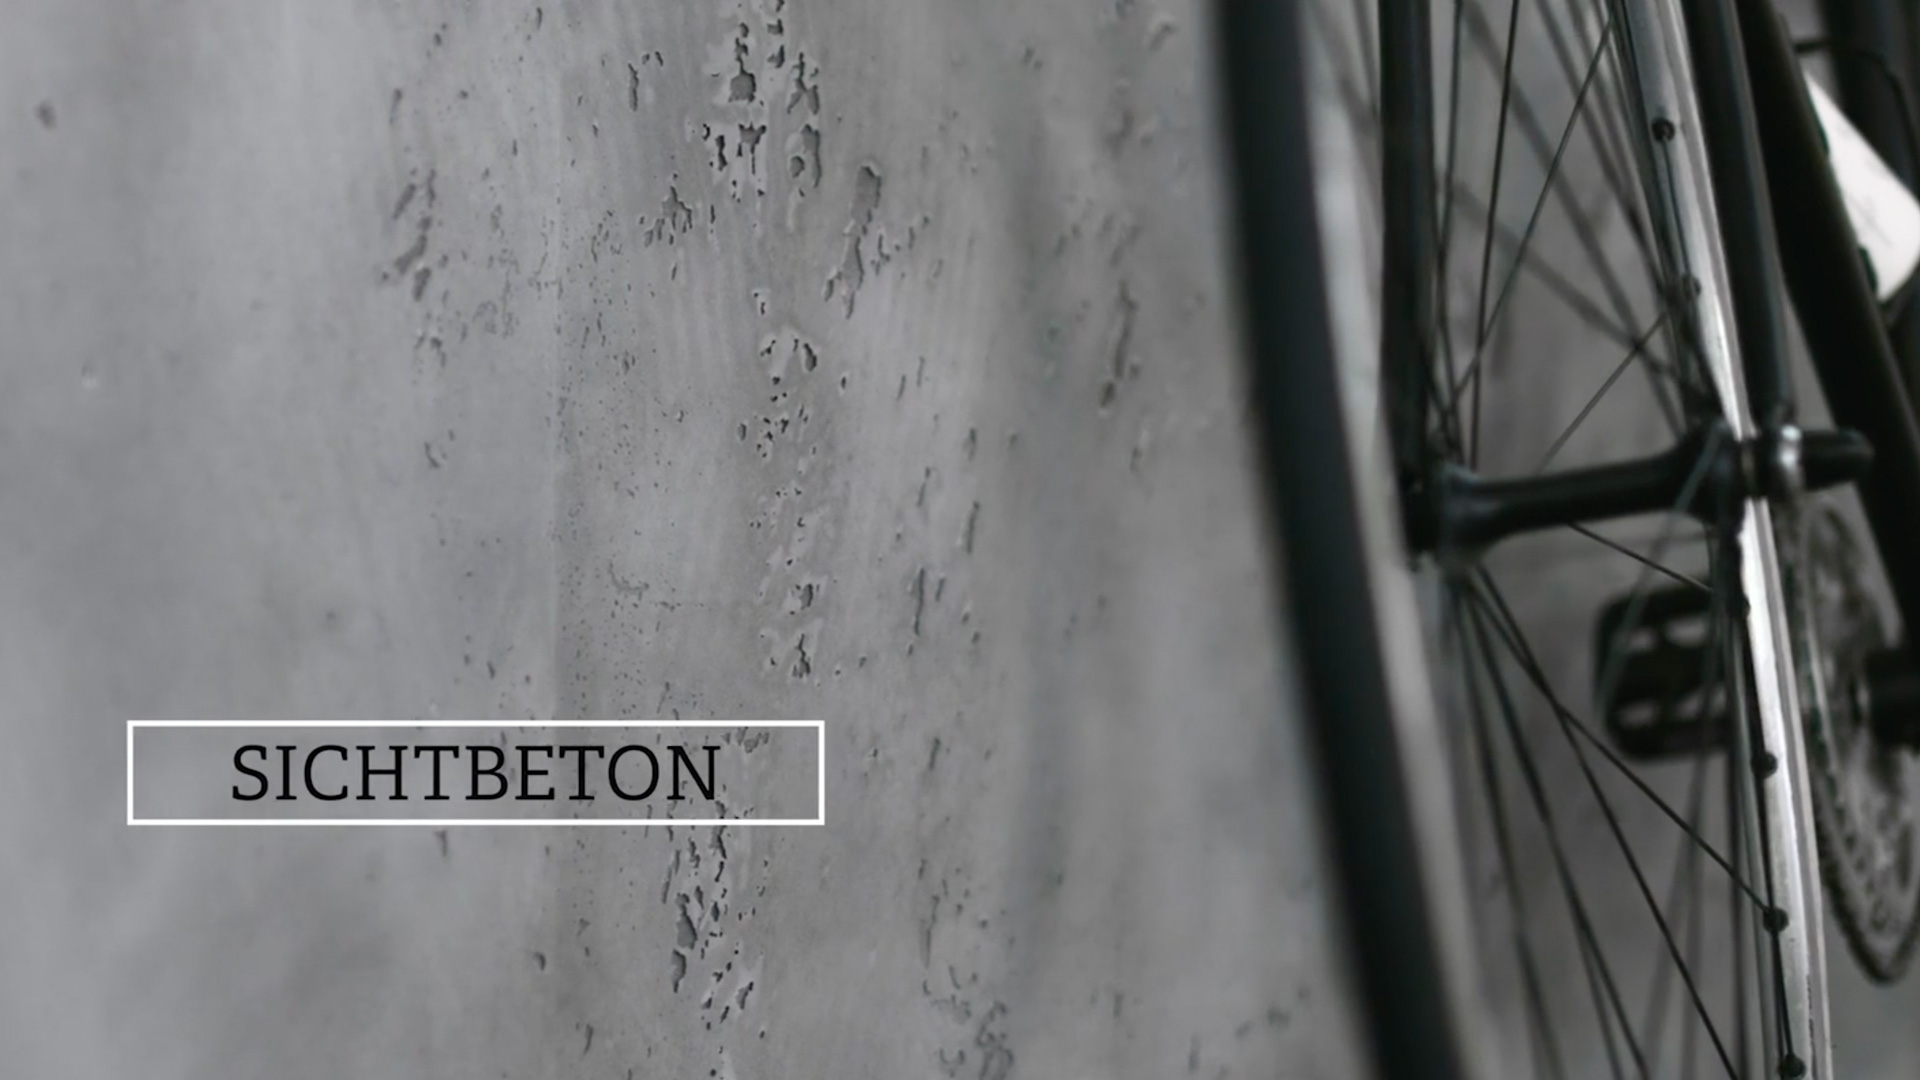 sichtbeton-sample-22